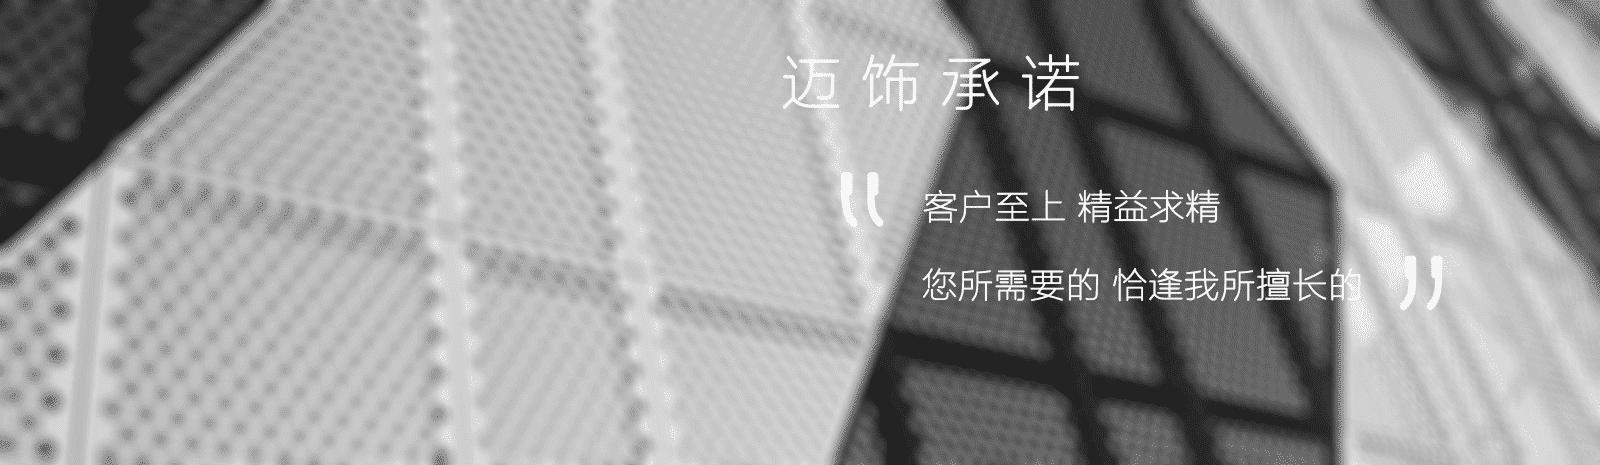 白色穿孔铝板幕墙图片